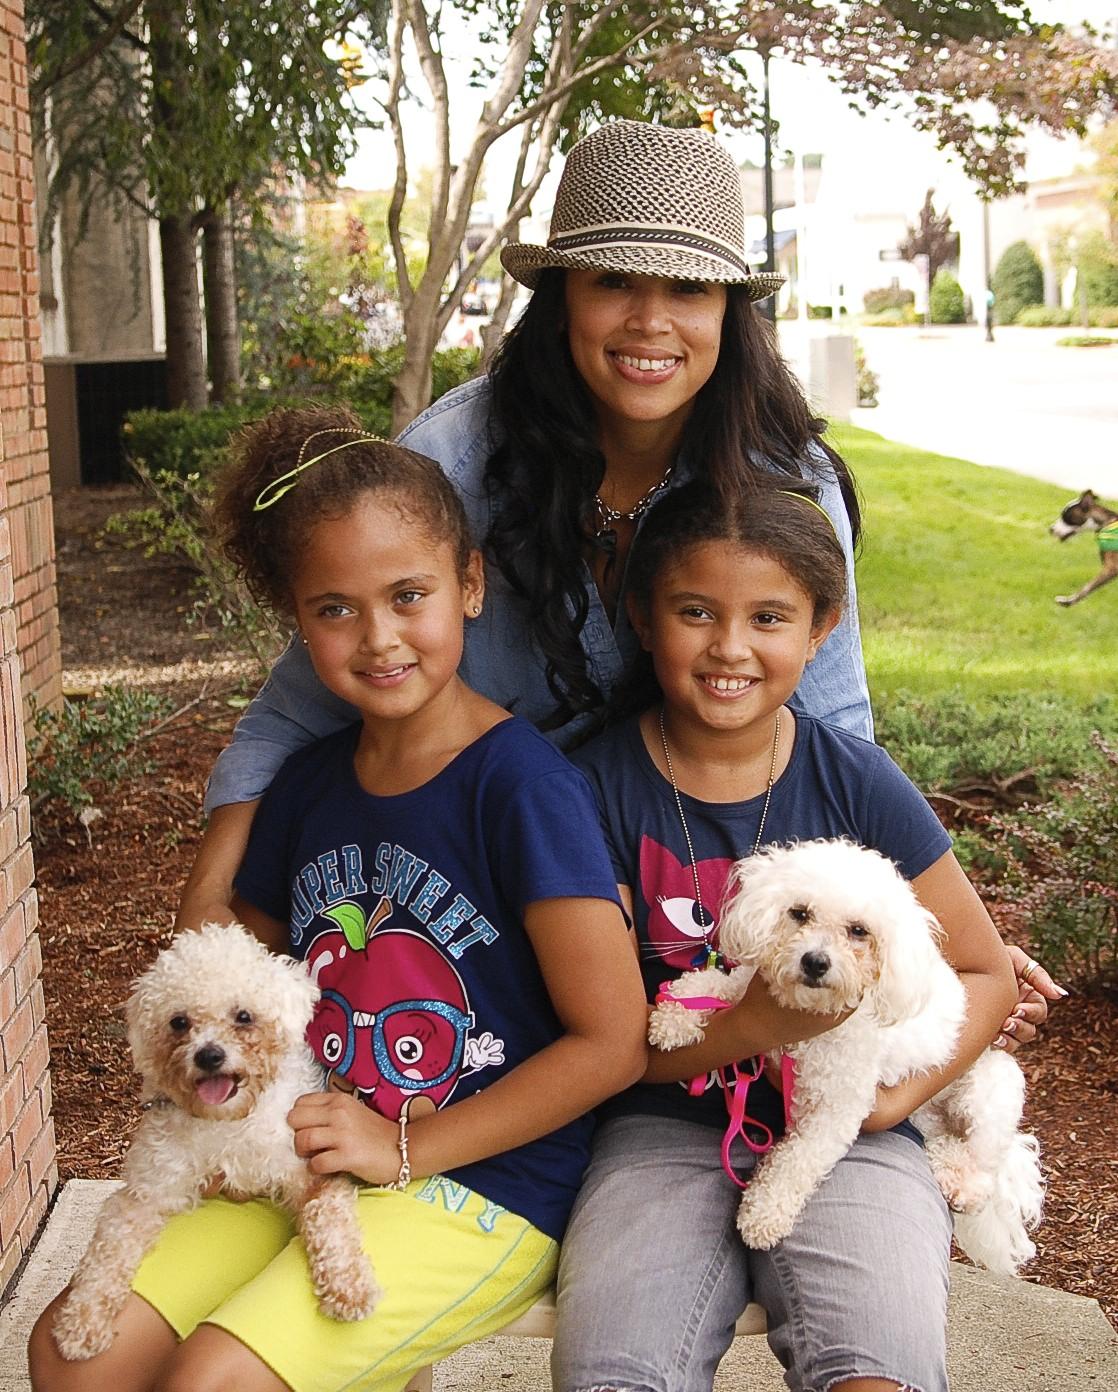 Adopt_A_Pet_9-25-11-2-29.jpg